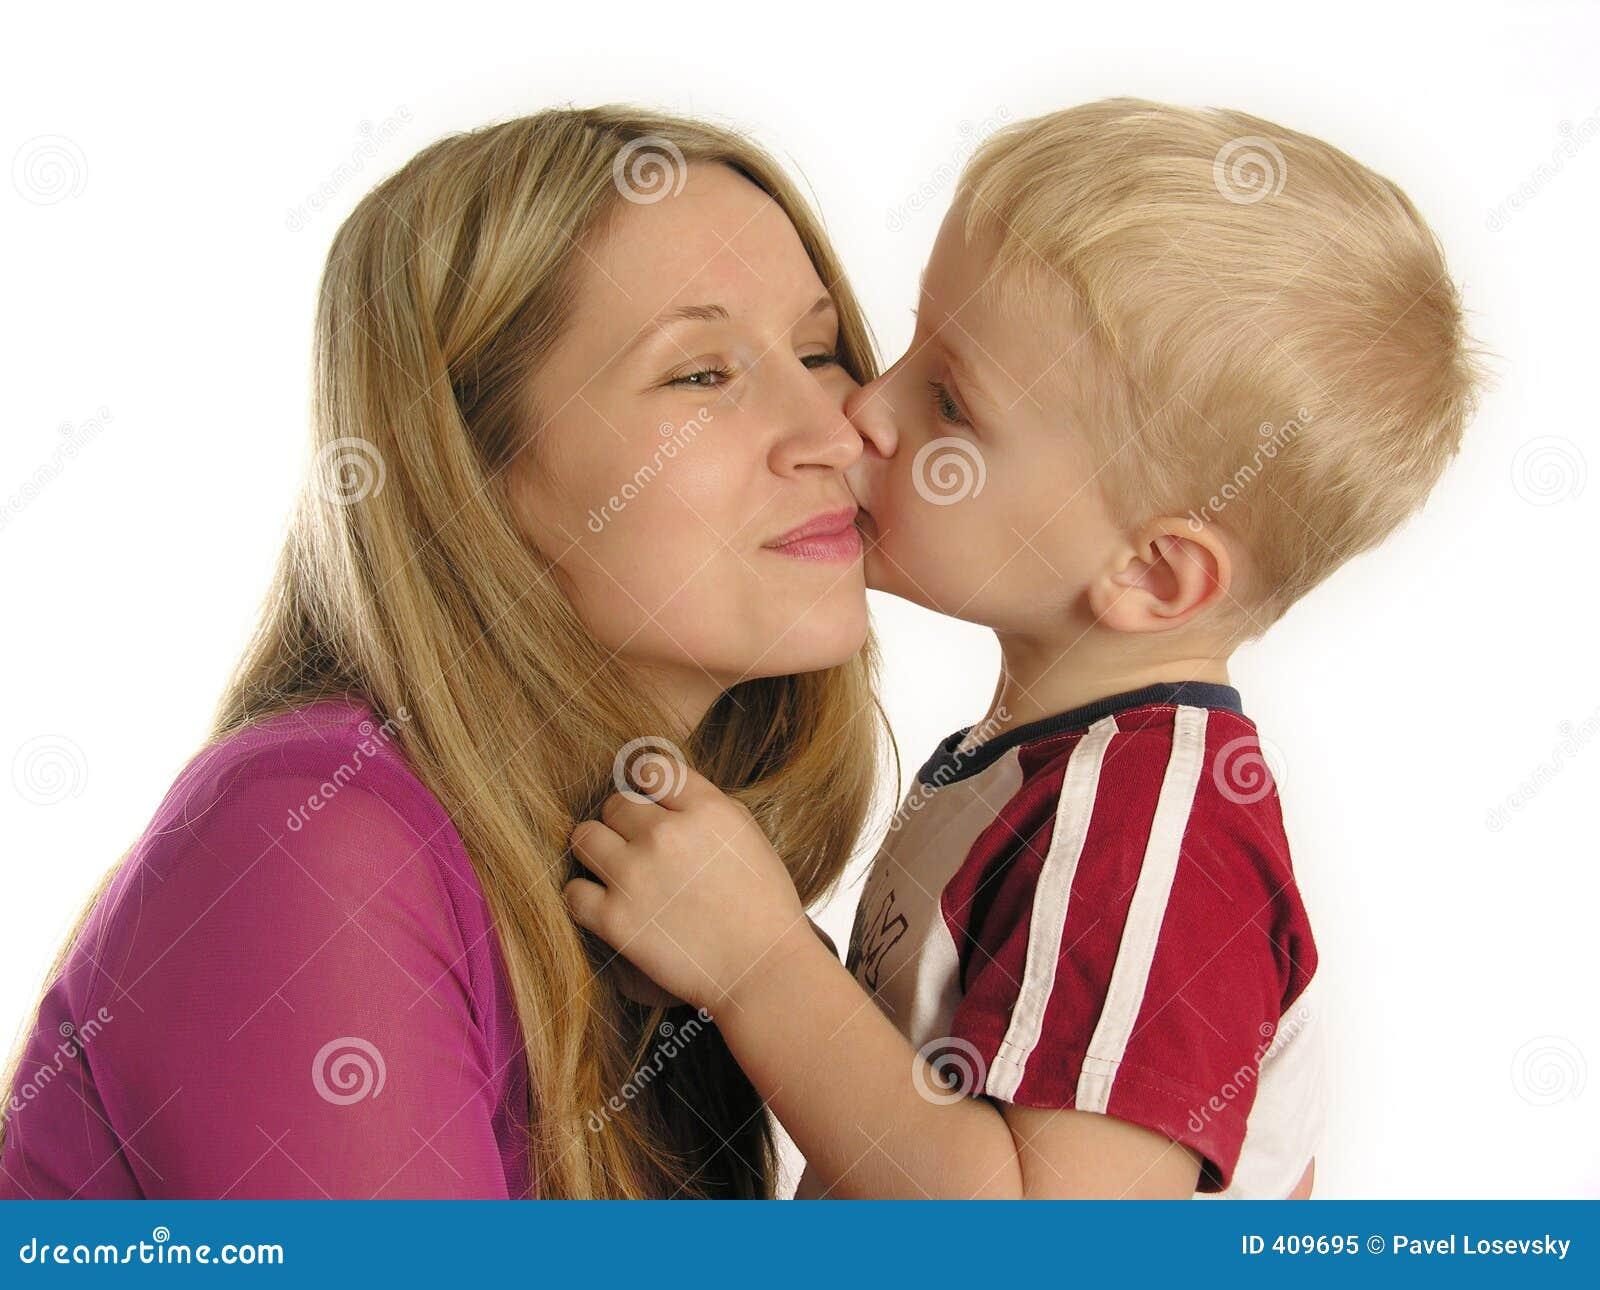 Смотреть сын и мам 18 фотография